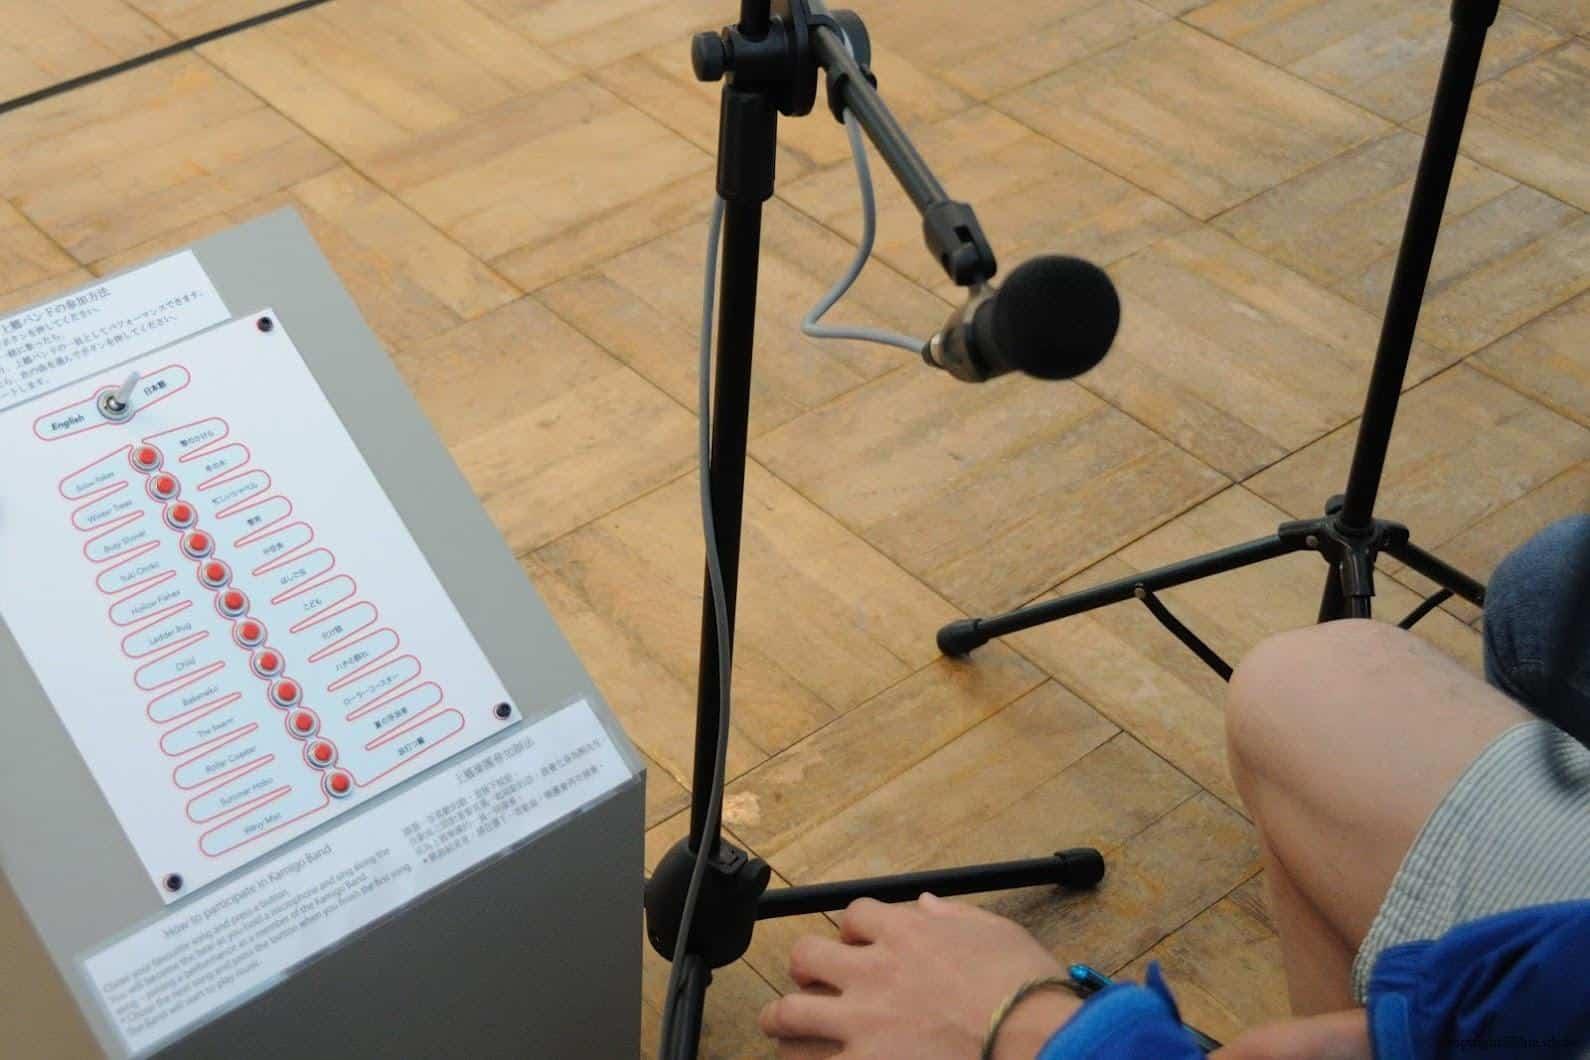 尼古拉‧達羅,上鄉樂團-四季之歌,任君挑選的十二首歌,英日文版雙聲帶,唱到一半即時轉換也沒問題 上鄉樂團-四季之歌 上鄉樂團-四季之歌 the kamigo band Songs for the Seasons 02